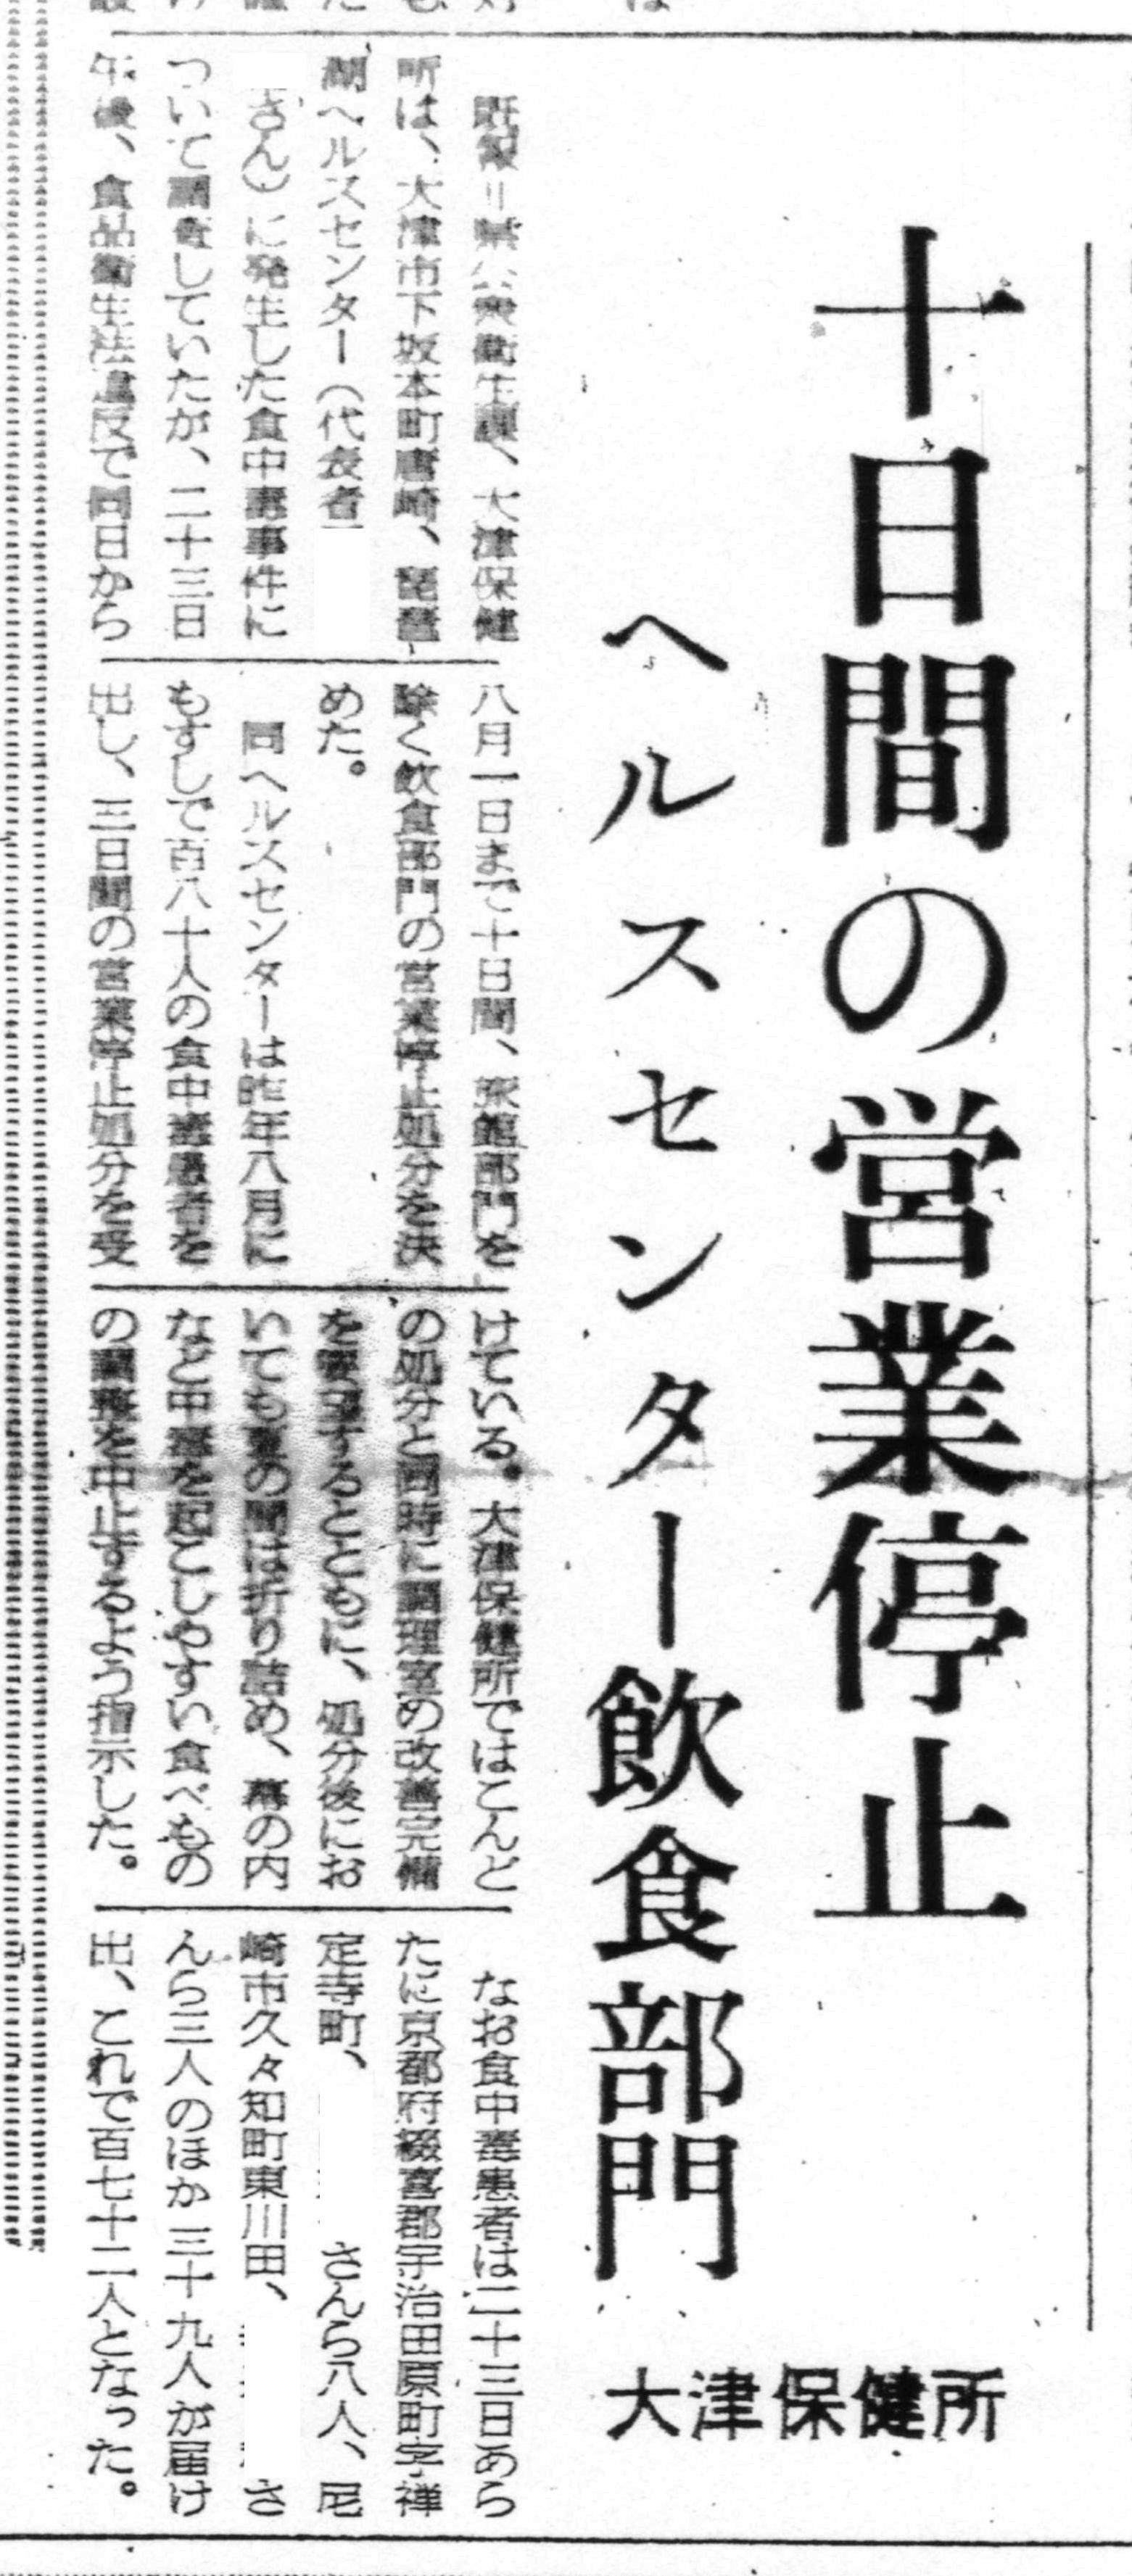 S38.7.24S ヘルスセンター食中毒他b